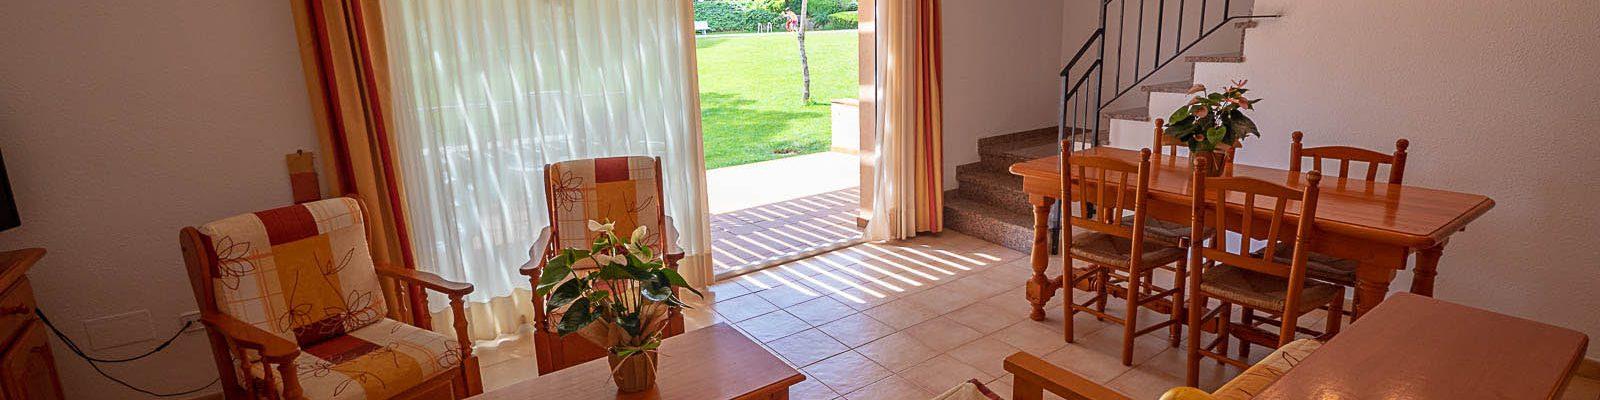 Villa 3_habitaciones general